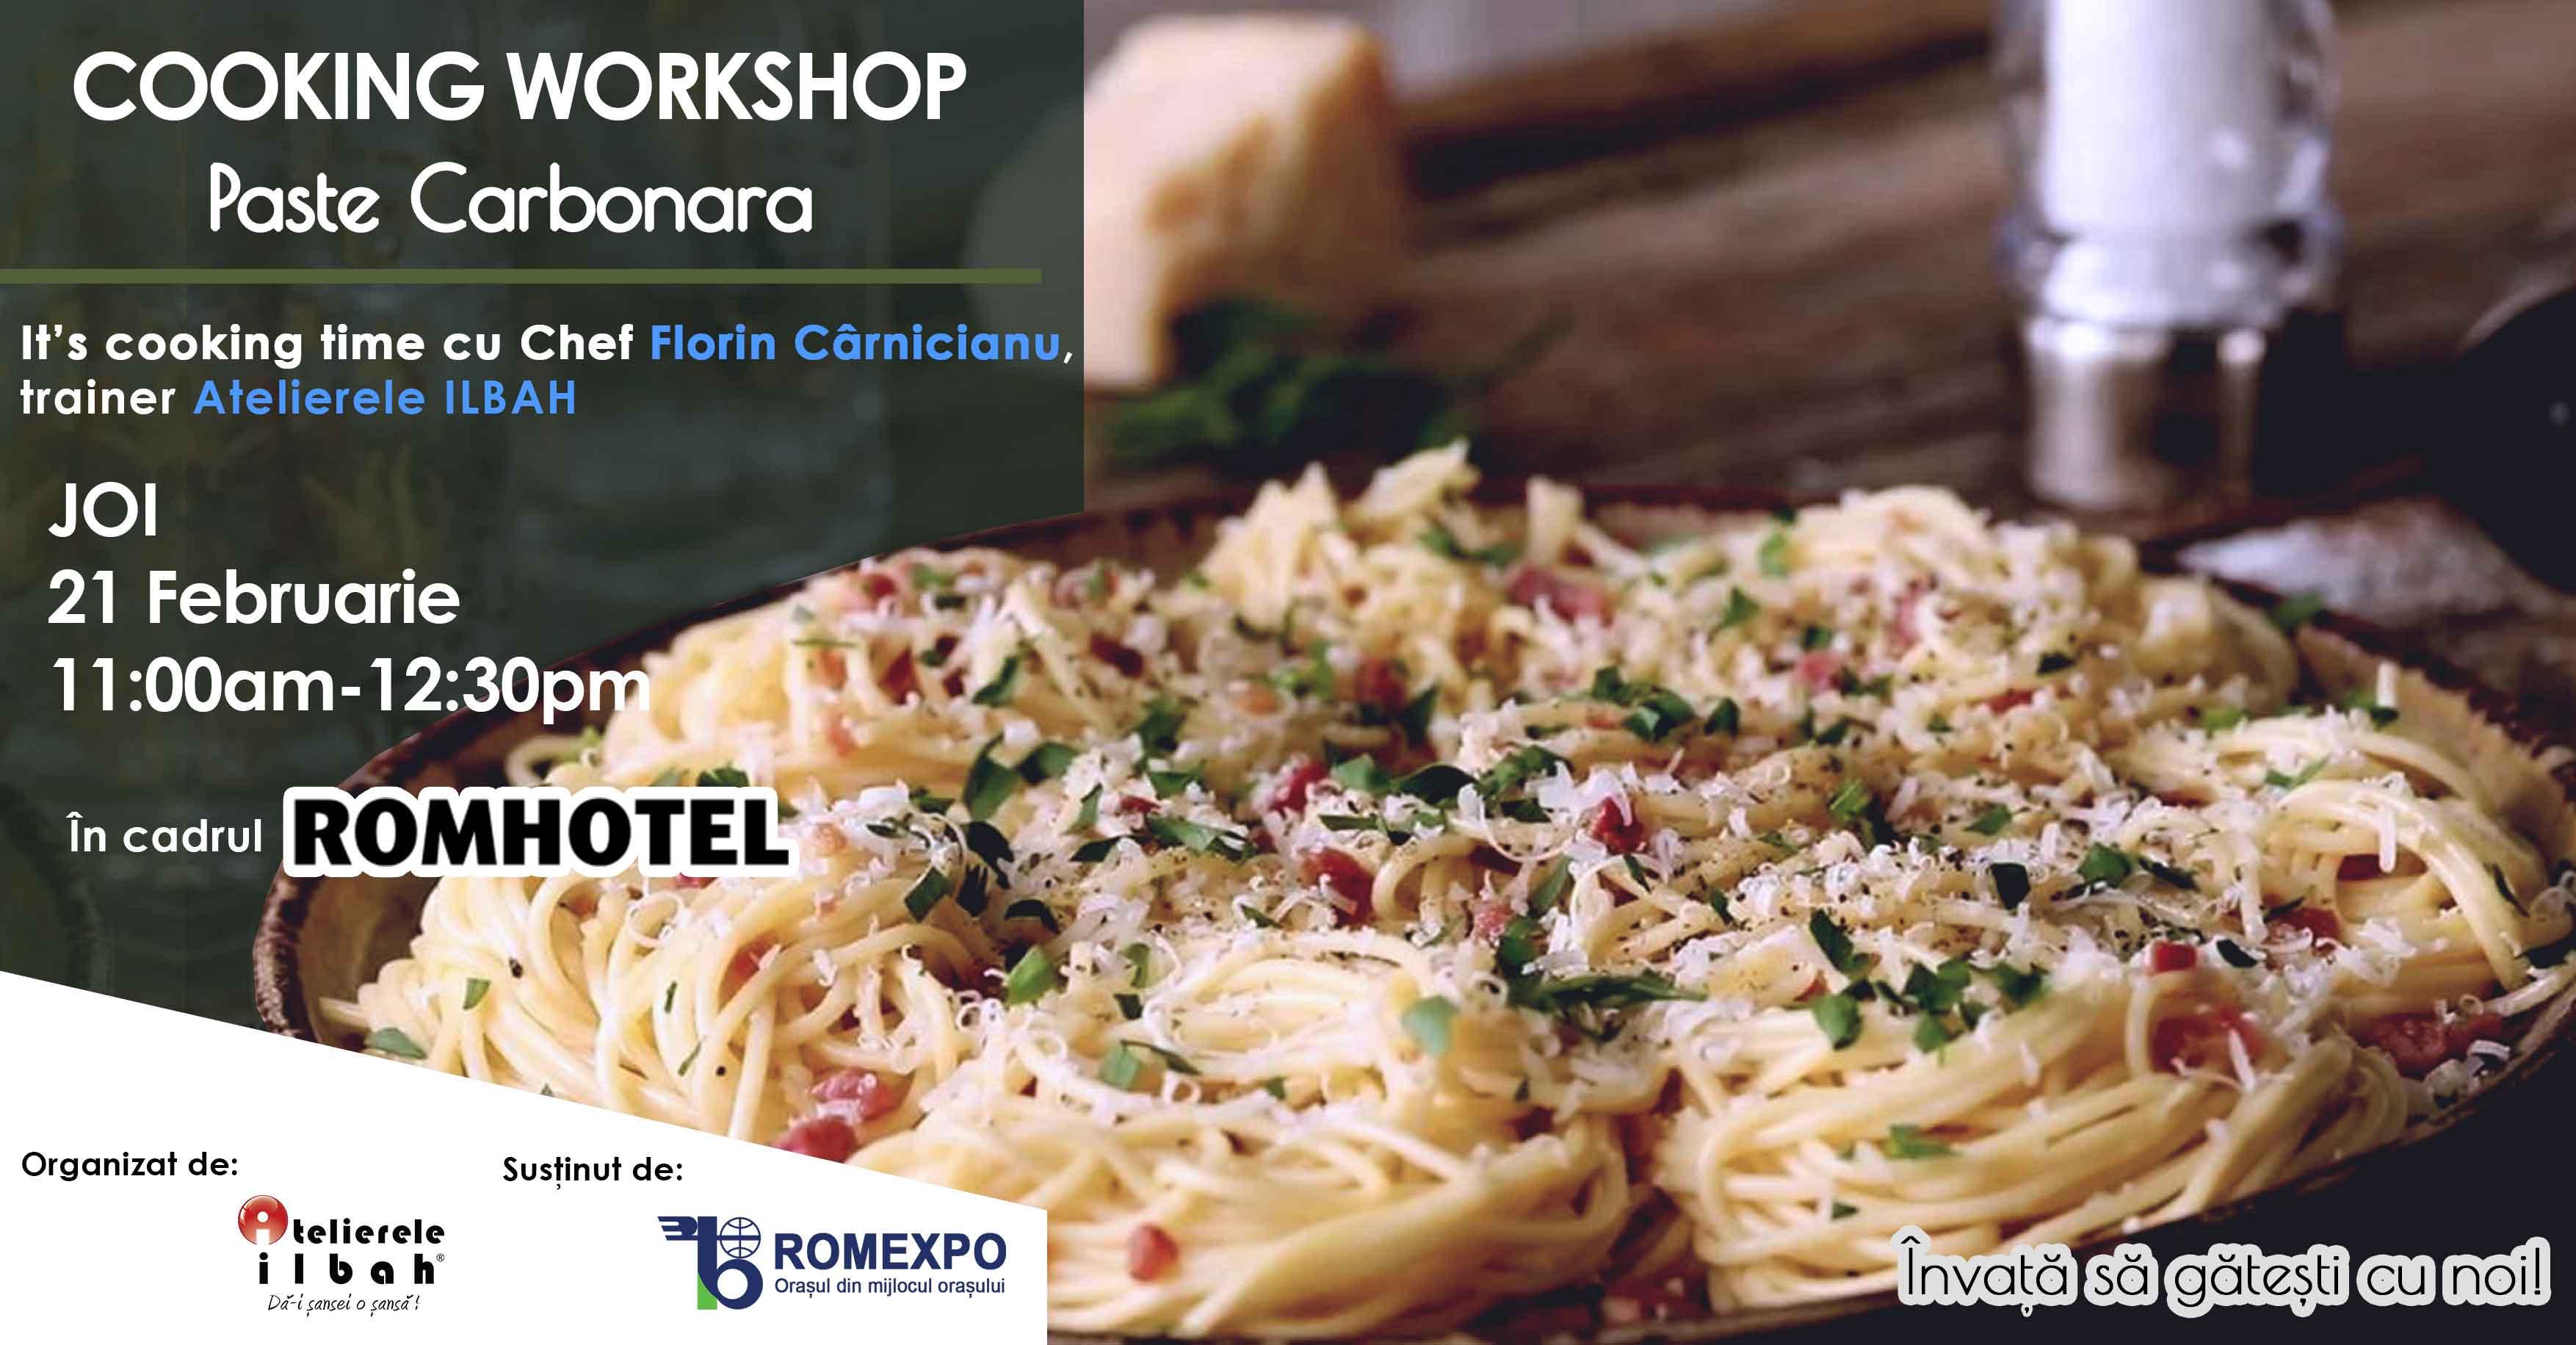 nu-rata-workshopurile-de-cooking-organizate-de-atelierele-ilbah-in-cadrul-romhotel-2019-1